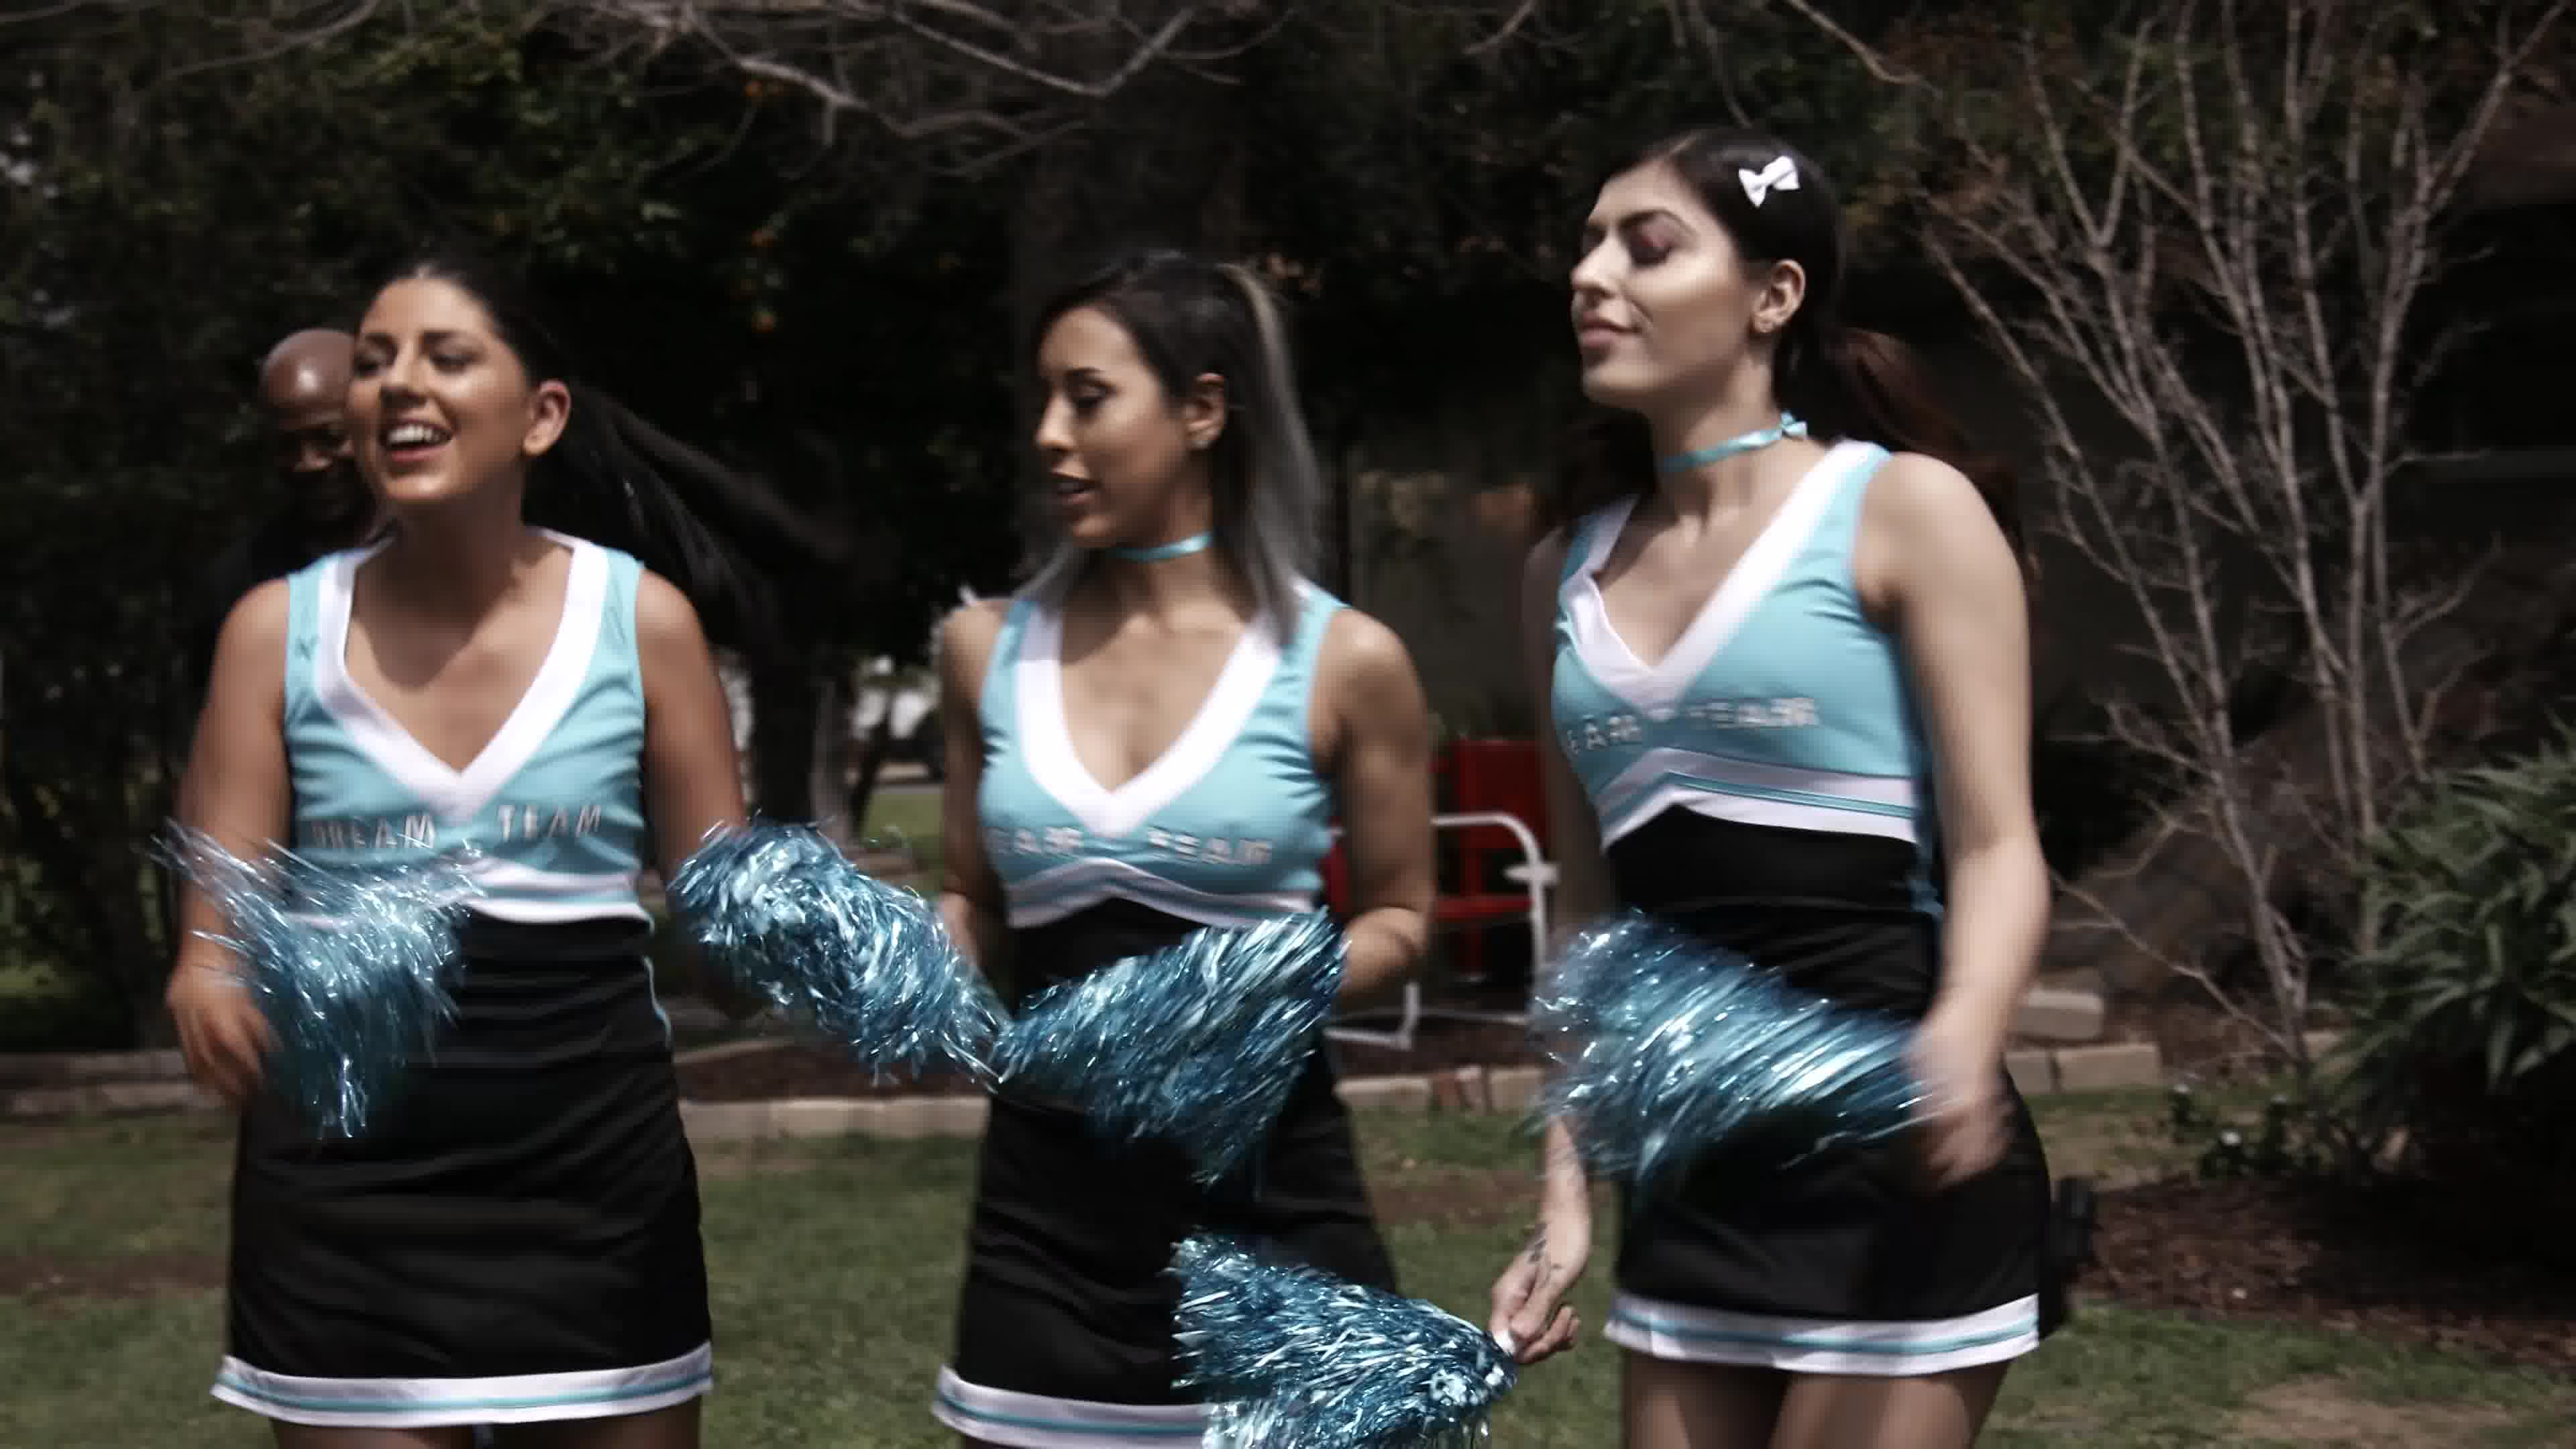 Something all girl cheerleader orgy for